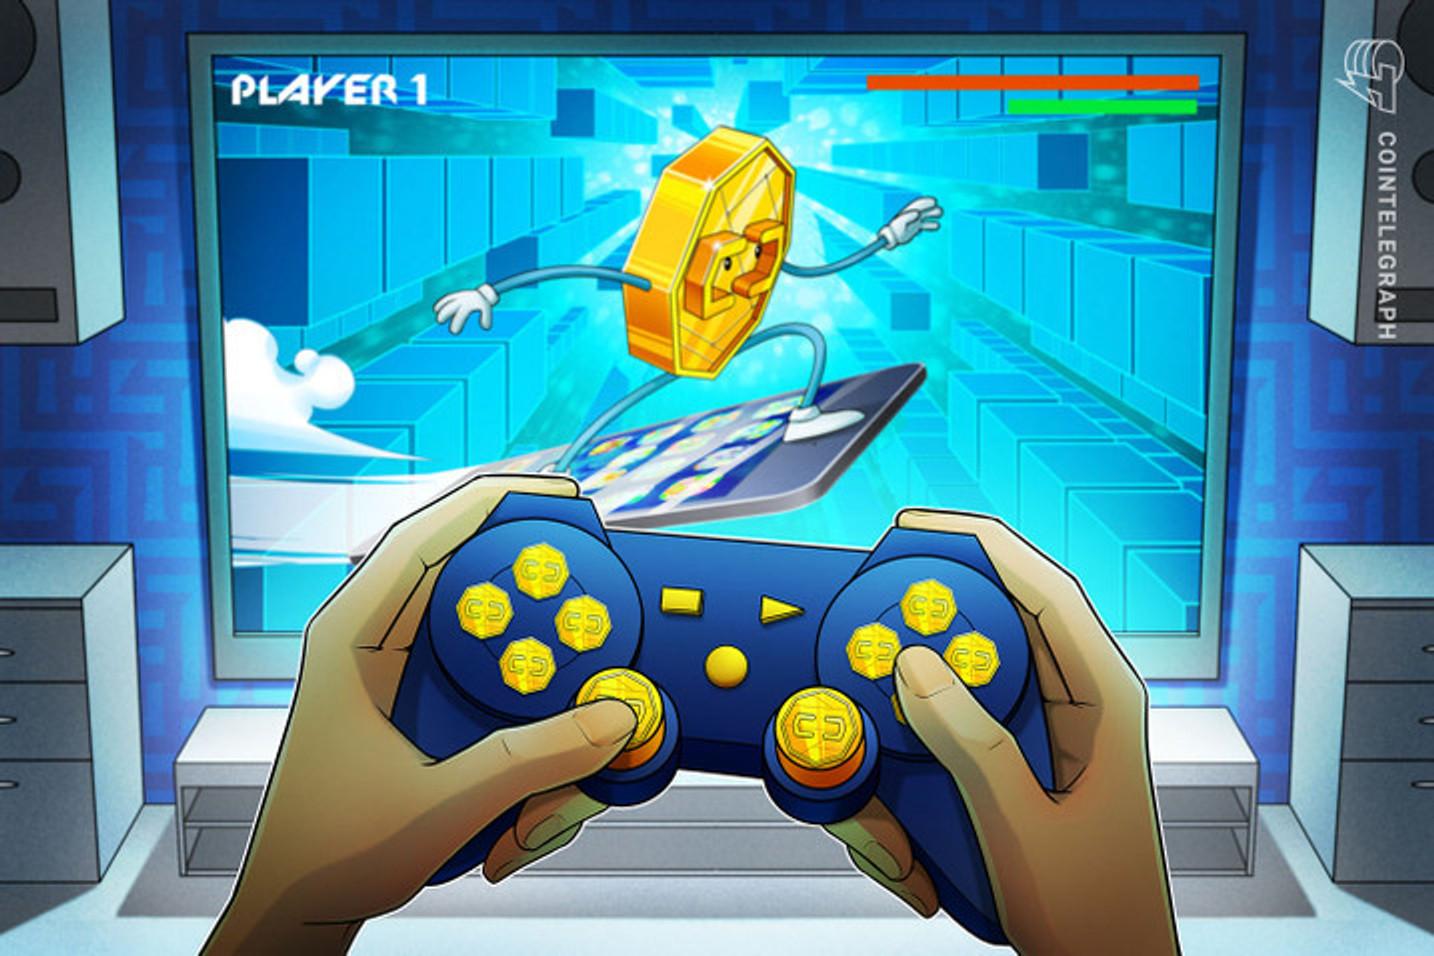 Museu do Ipiranga vai promover festival de games com prêmio de US$ 2 mil na moeda WiBX